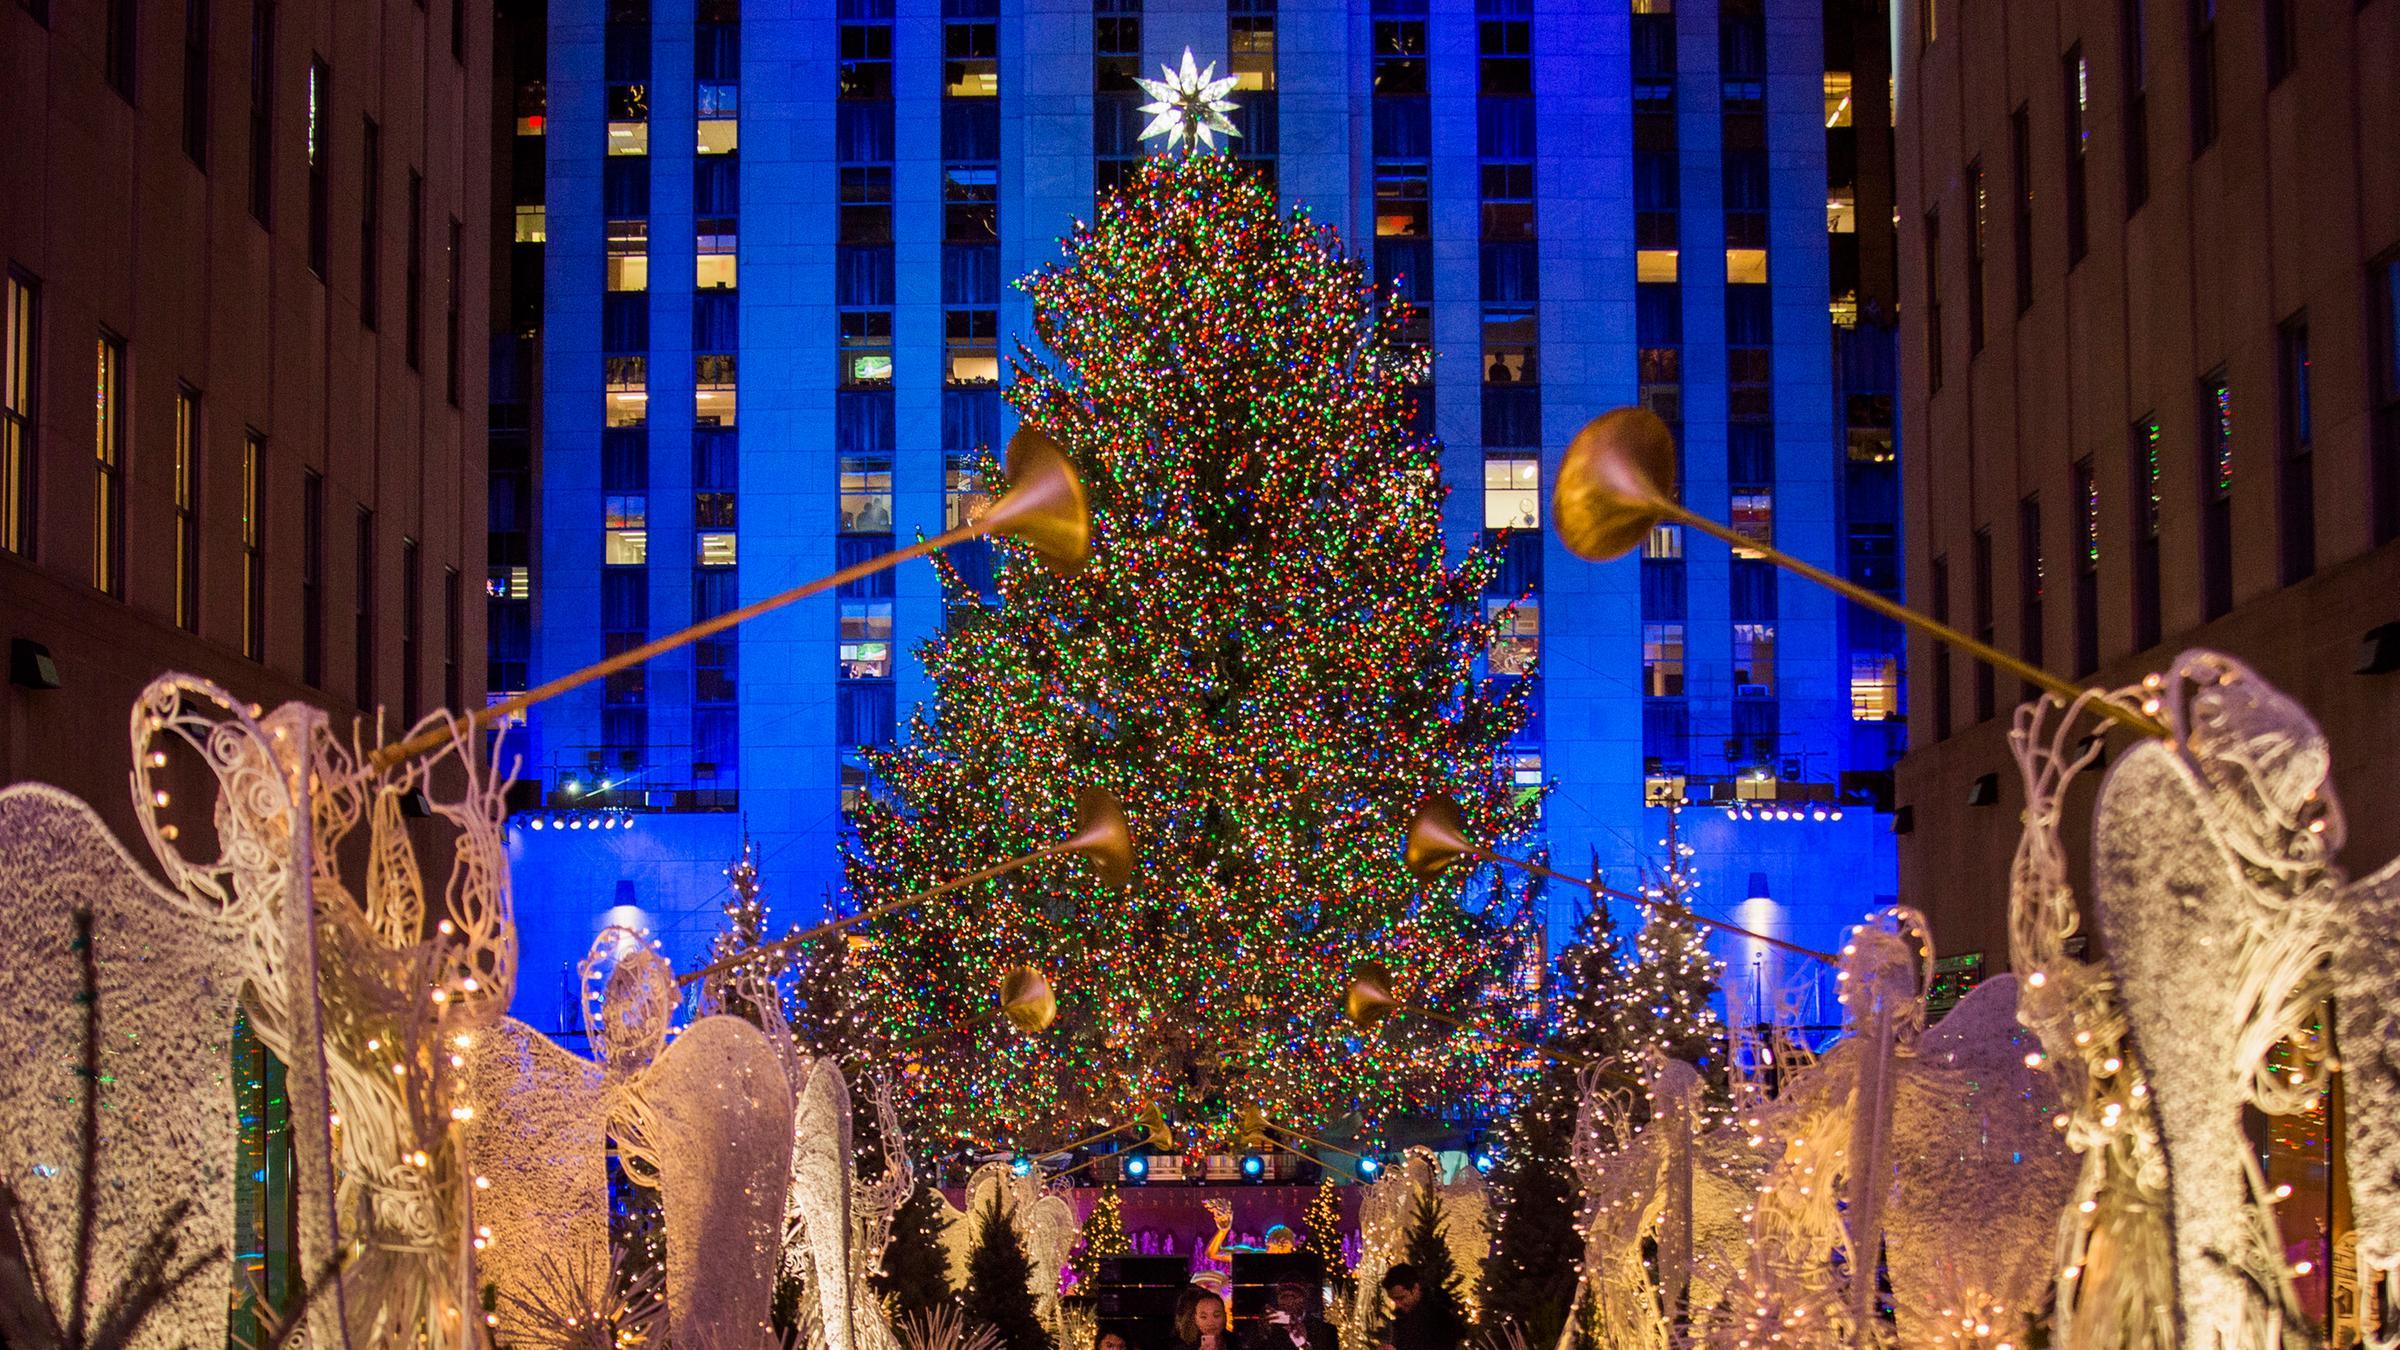 Wann Wird In New York Der Weihnachtsbaum Aufgestellt.Rockefeller Center In New York Weihnachtssaison Wird Eingeläutet